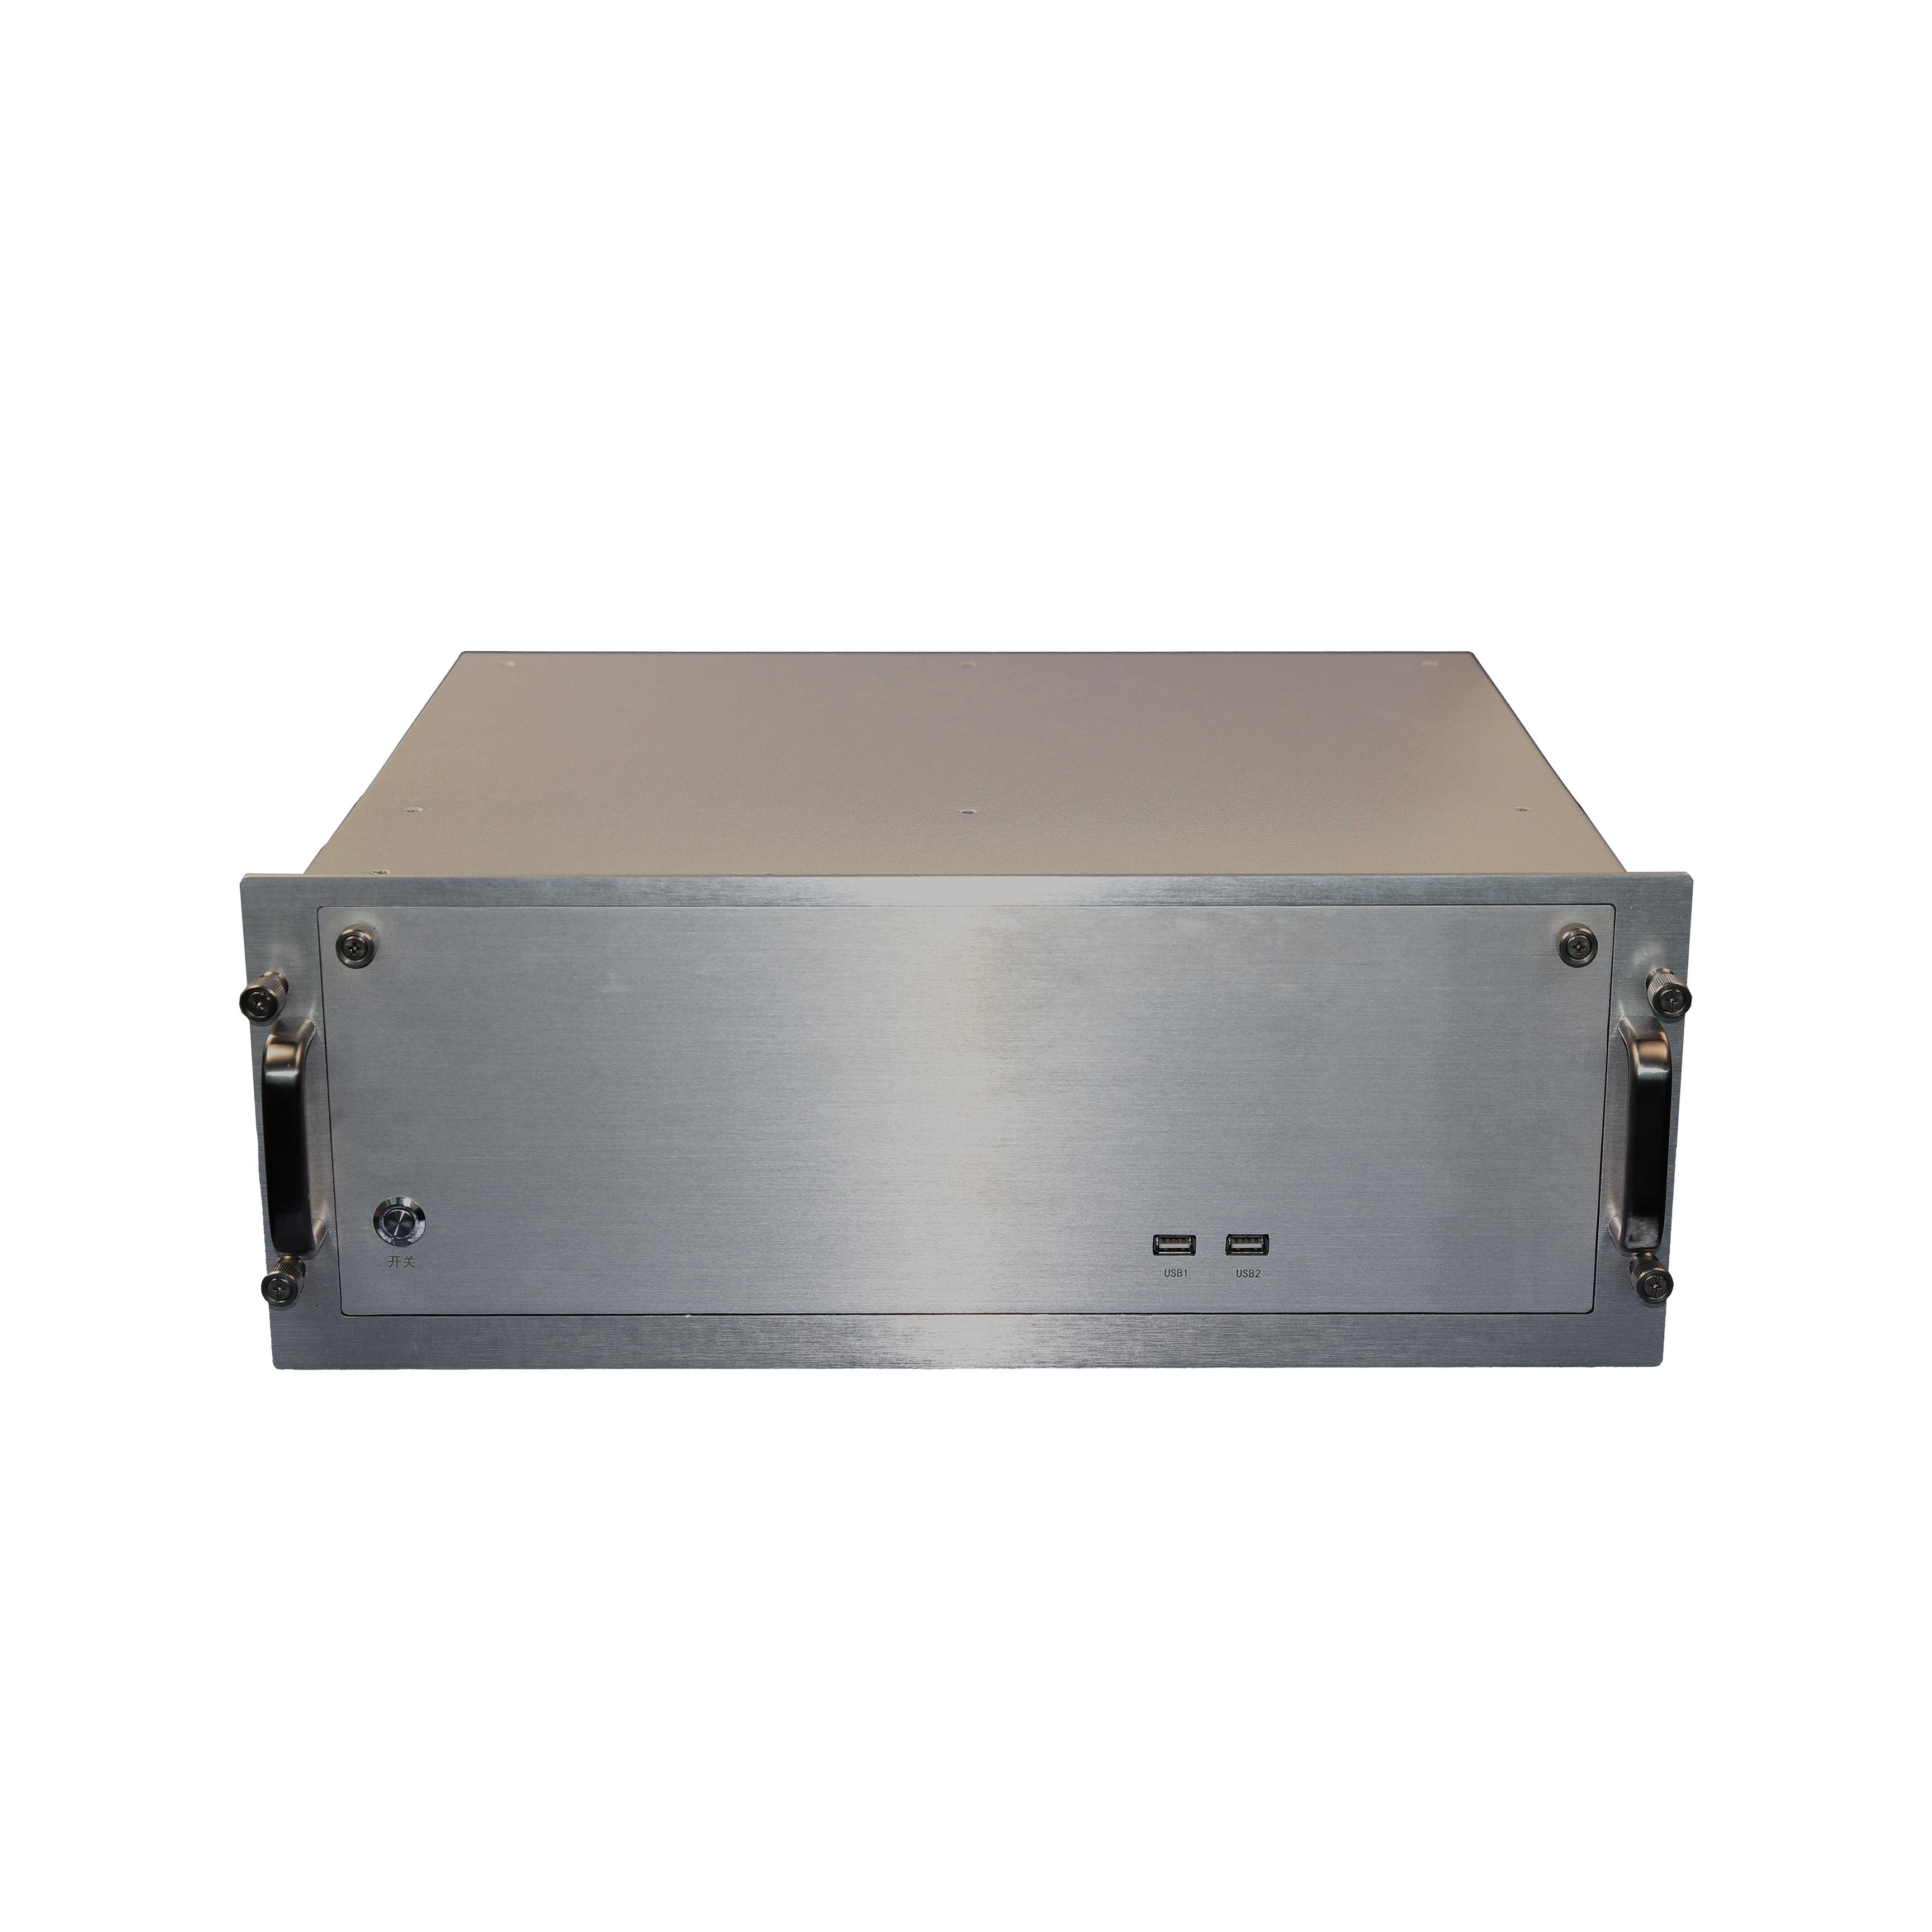 CPCIS-9407